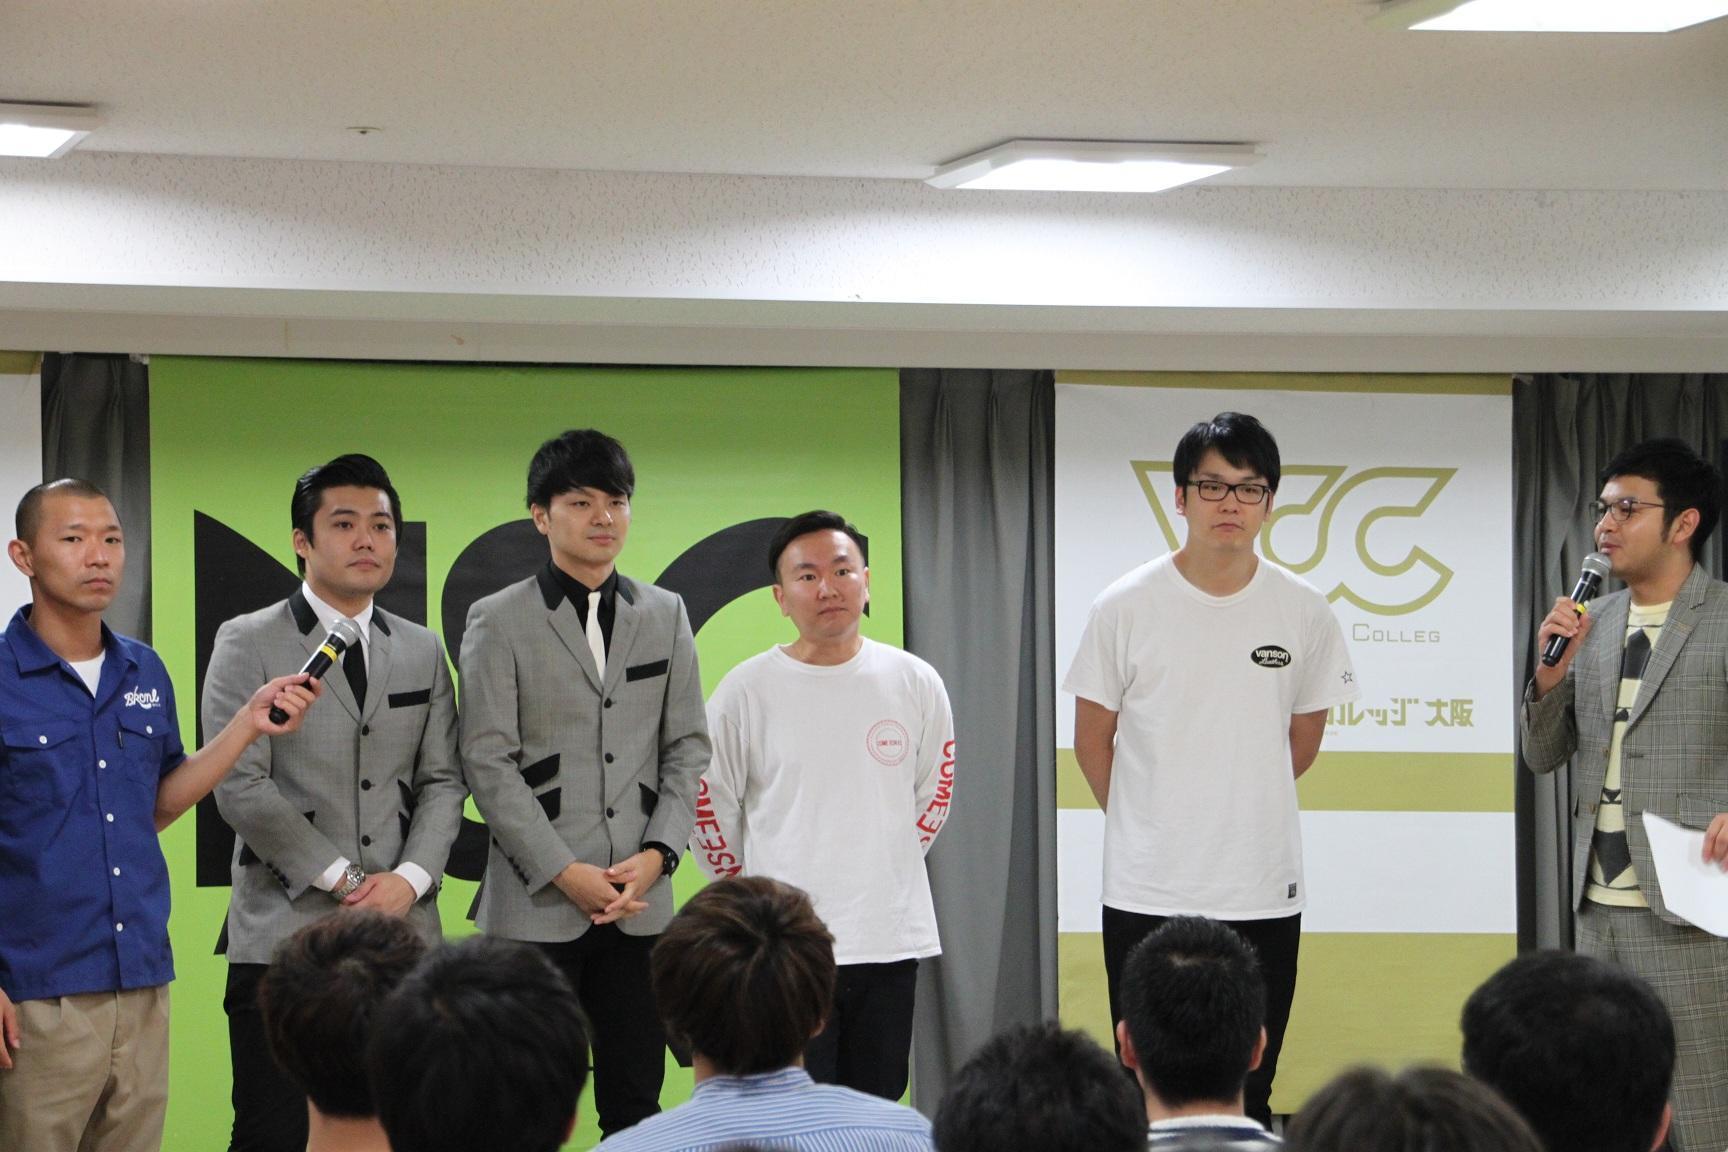 http://news.yoshimoto.co.jp/20171002190115-bce17d922d0f78612348a73d7d3b6164c632b823.jpg